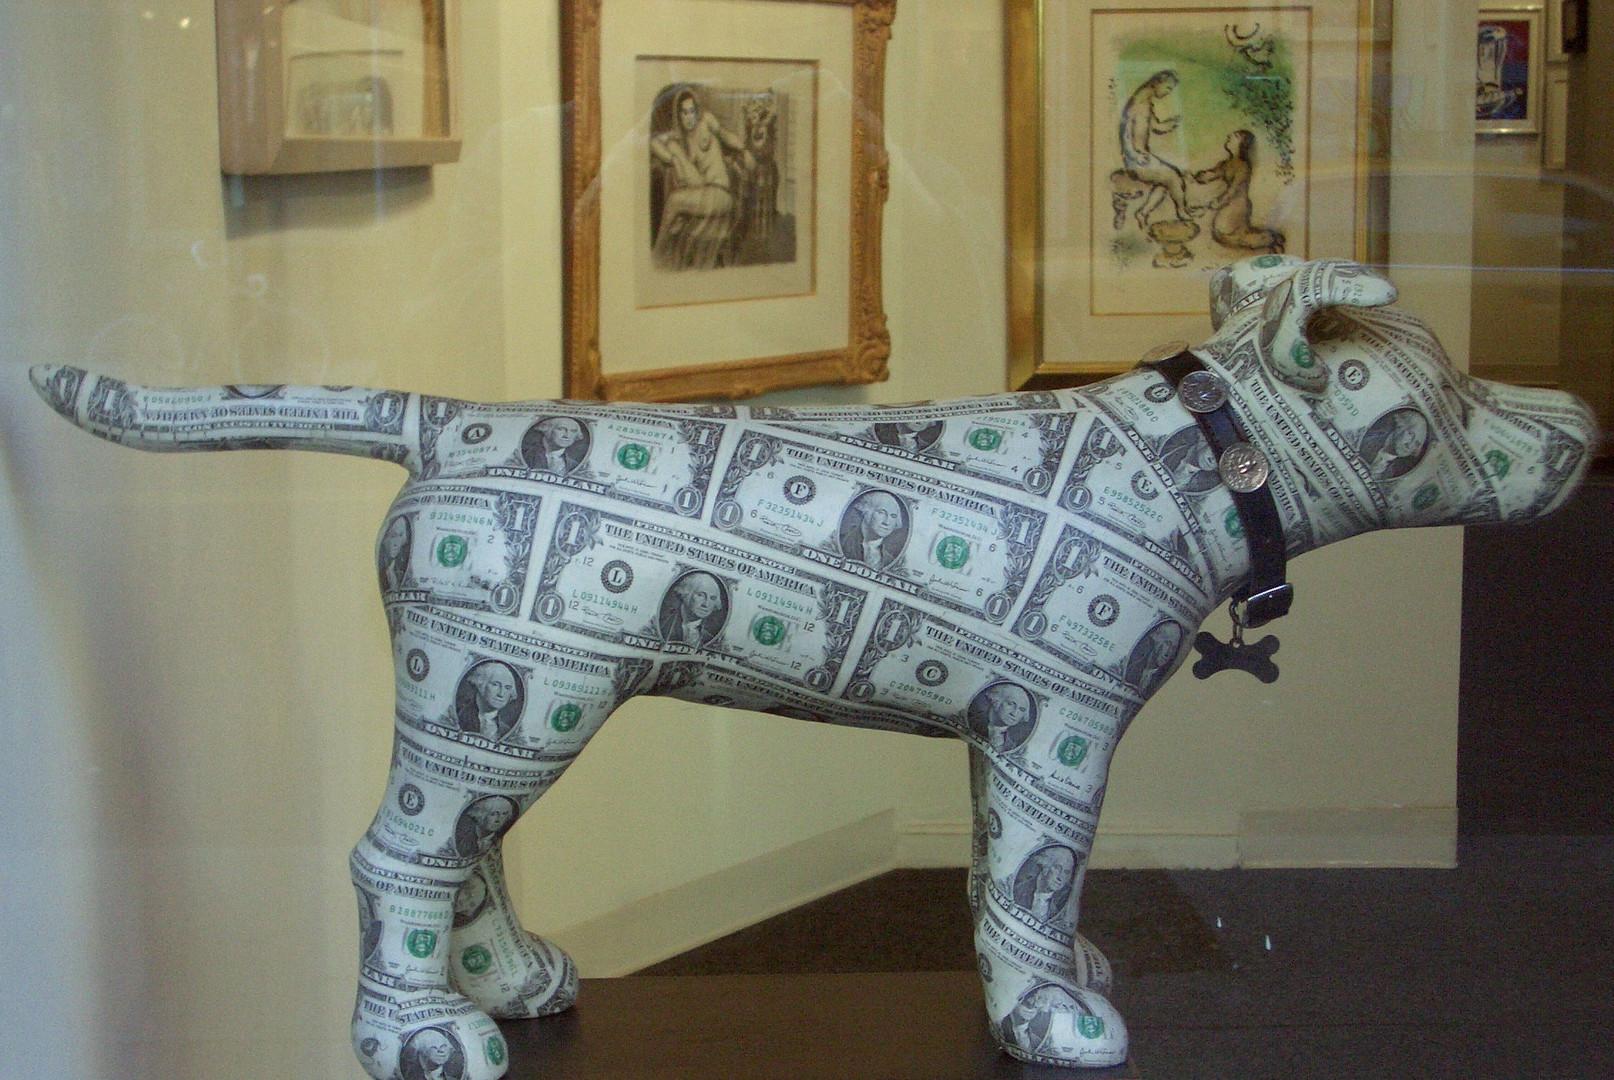 der dollar - auf den hund gekommen